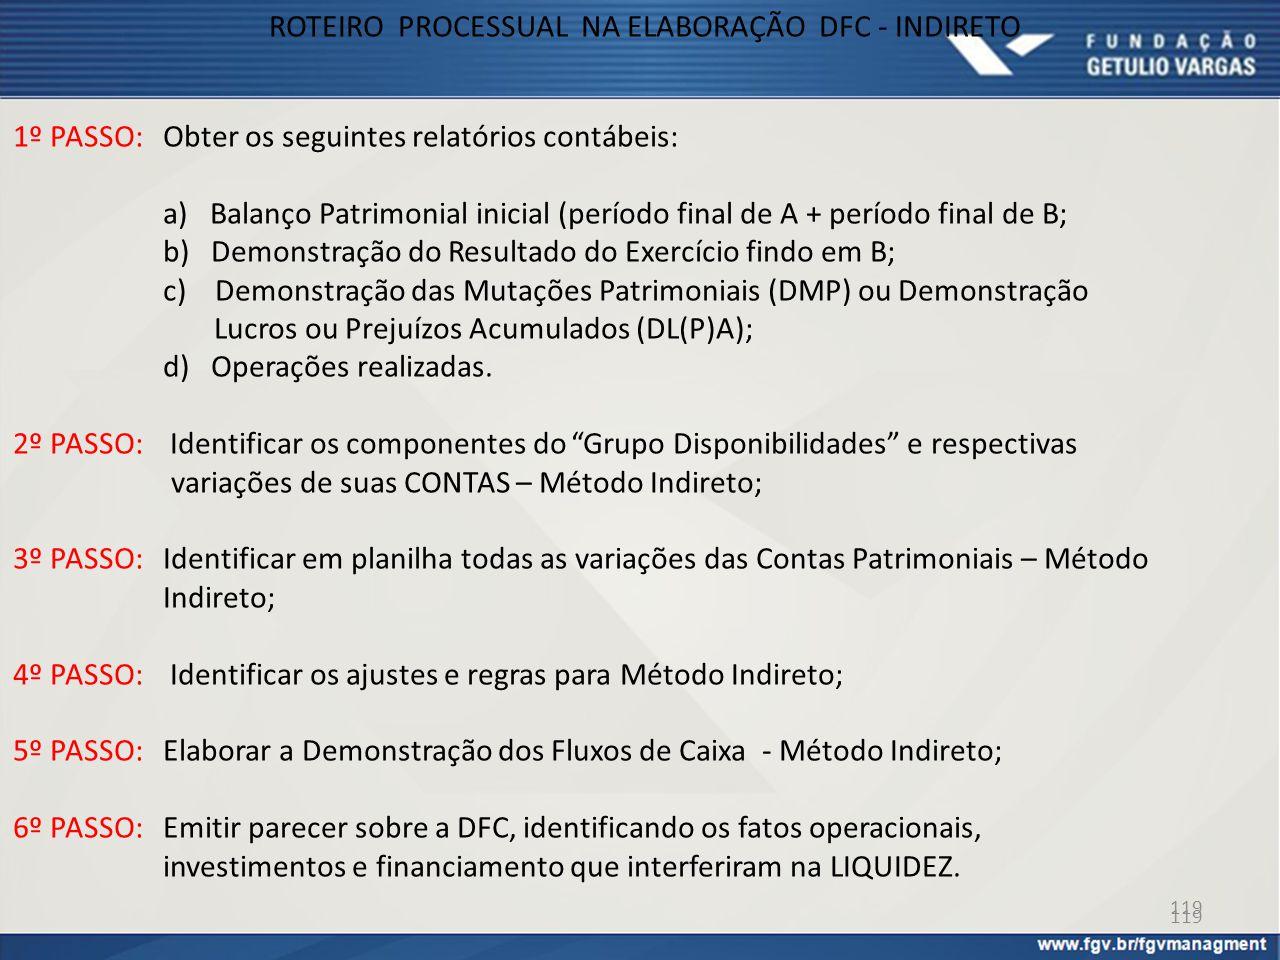 ROTEIRO PROCESSUAL NA ELABORAÇÃO DFC - INDIRETO